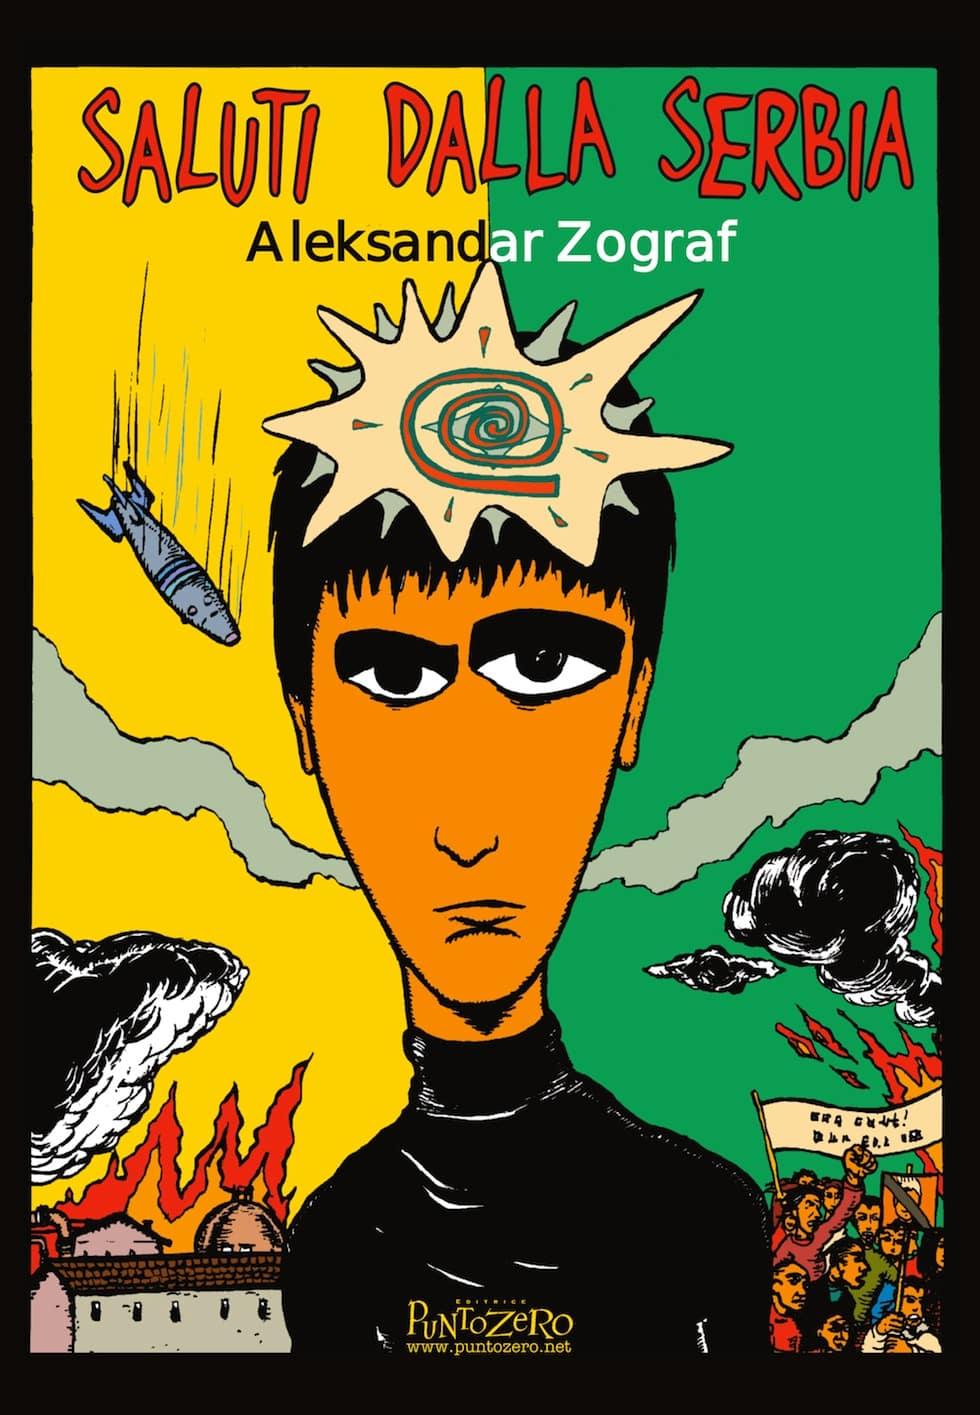 300-aluti_dalla_Serbia-cover_Essential 300 comics